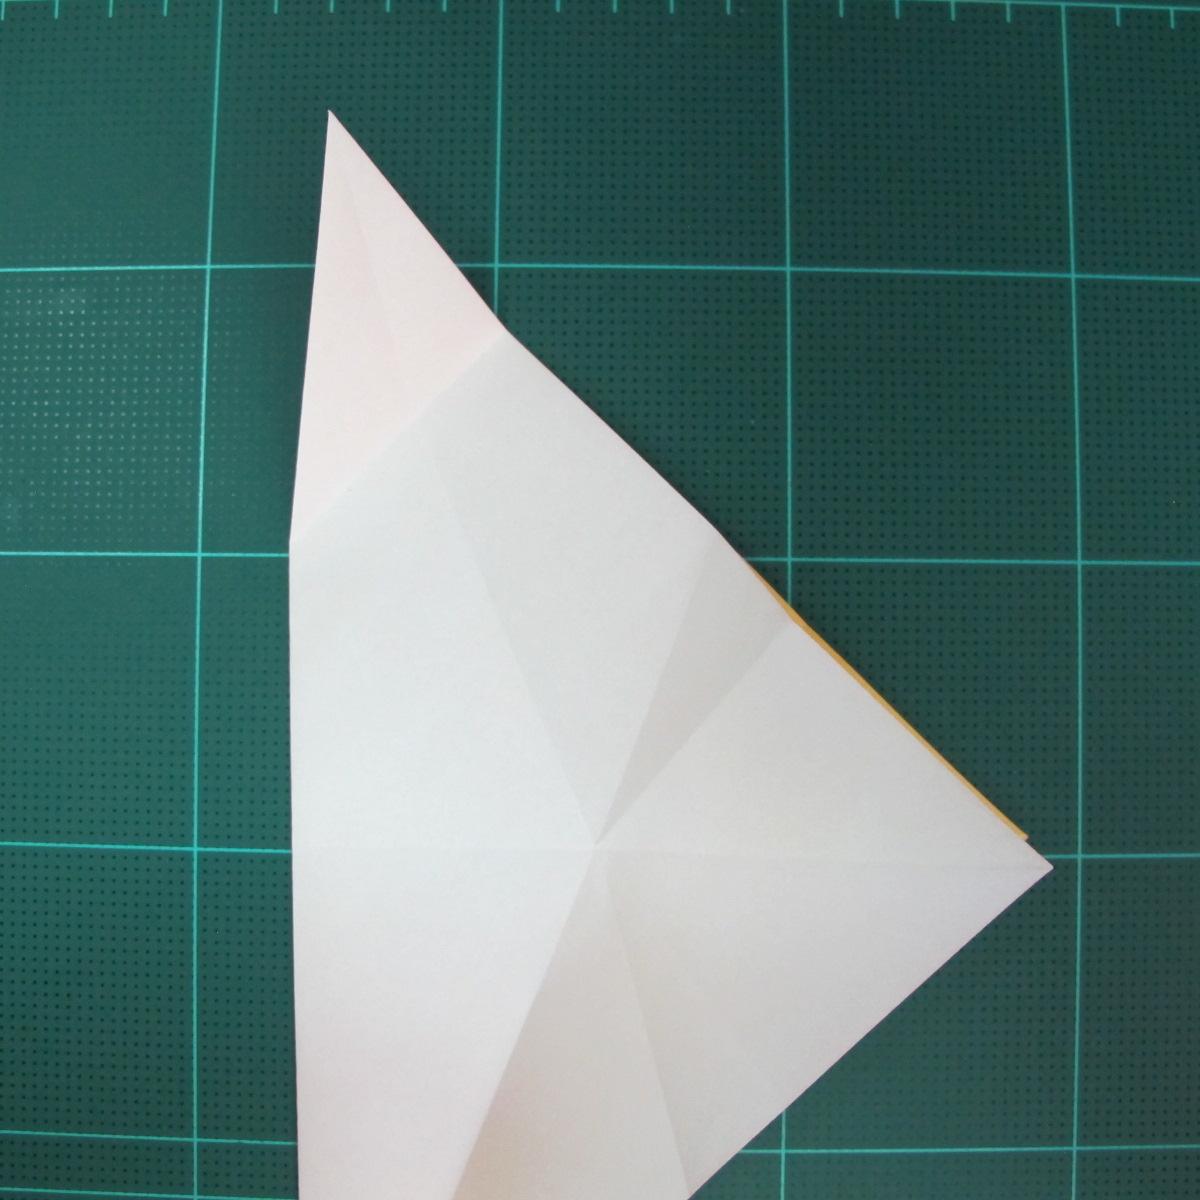 วิธีการพับกระดาษรูปม้าน้ำ (Origami Seahorse) 011